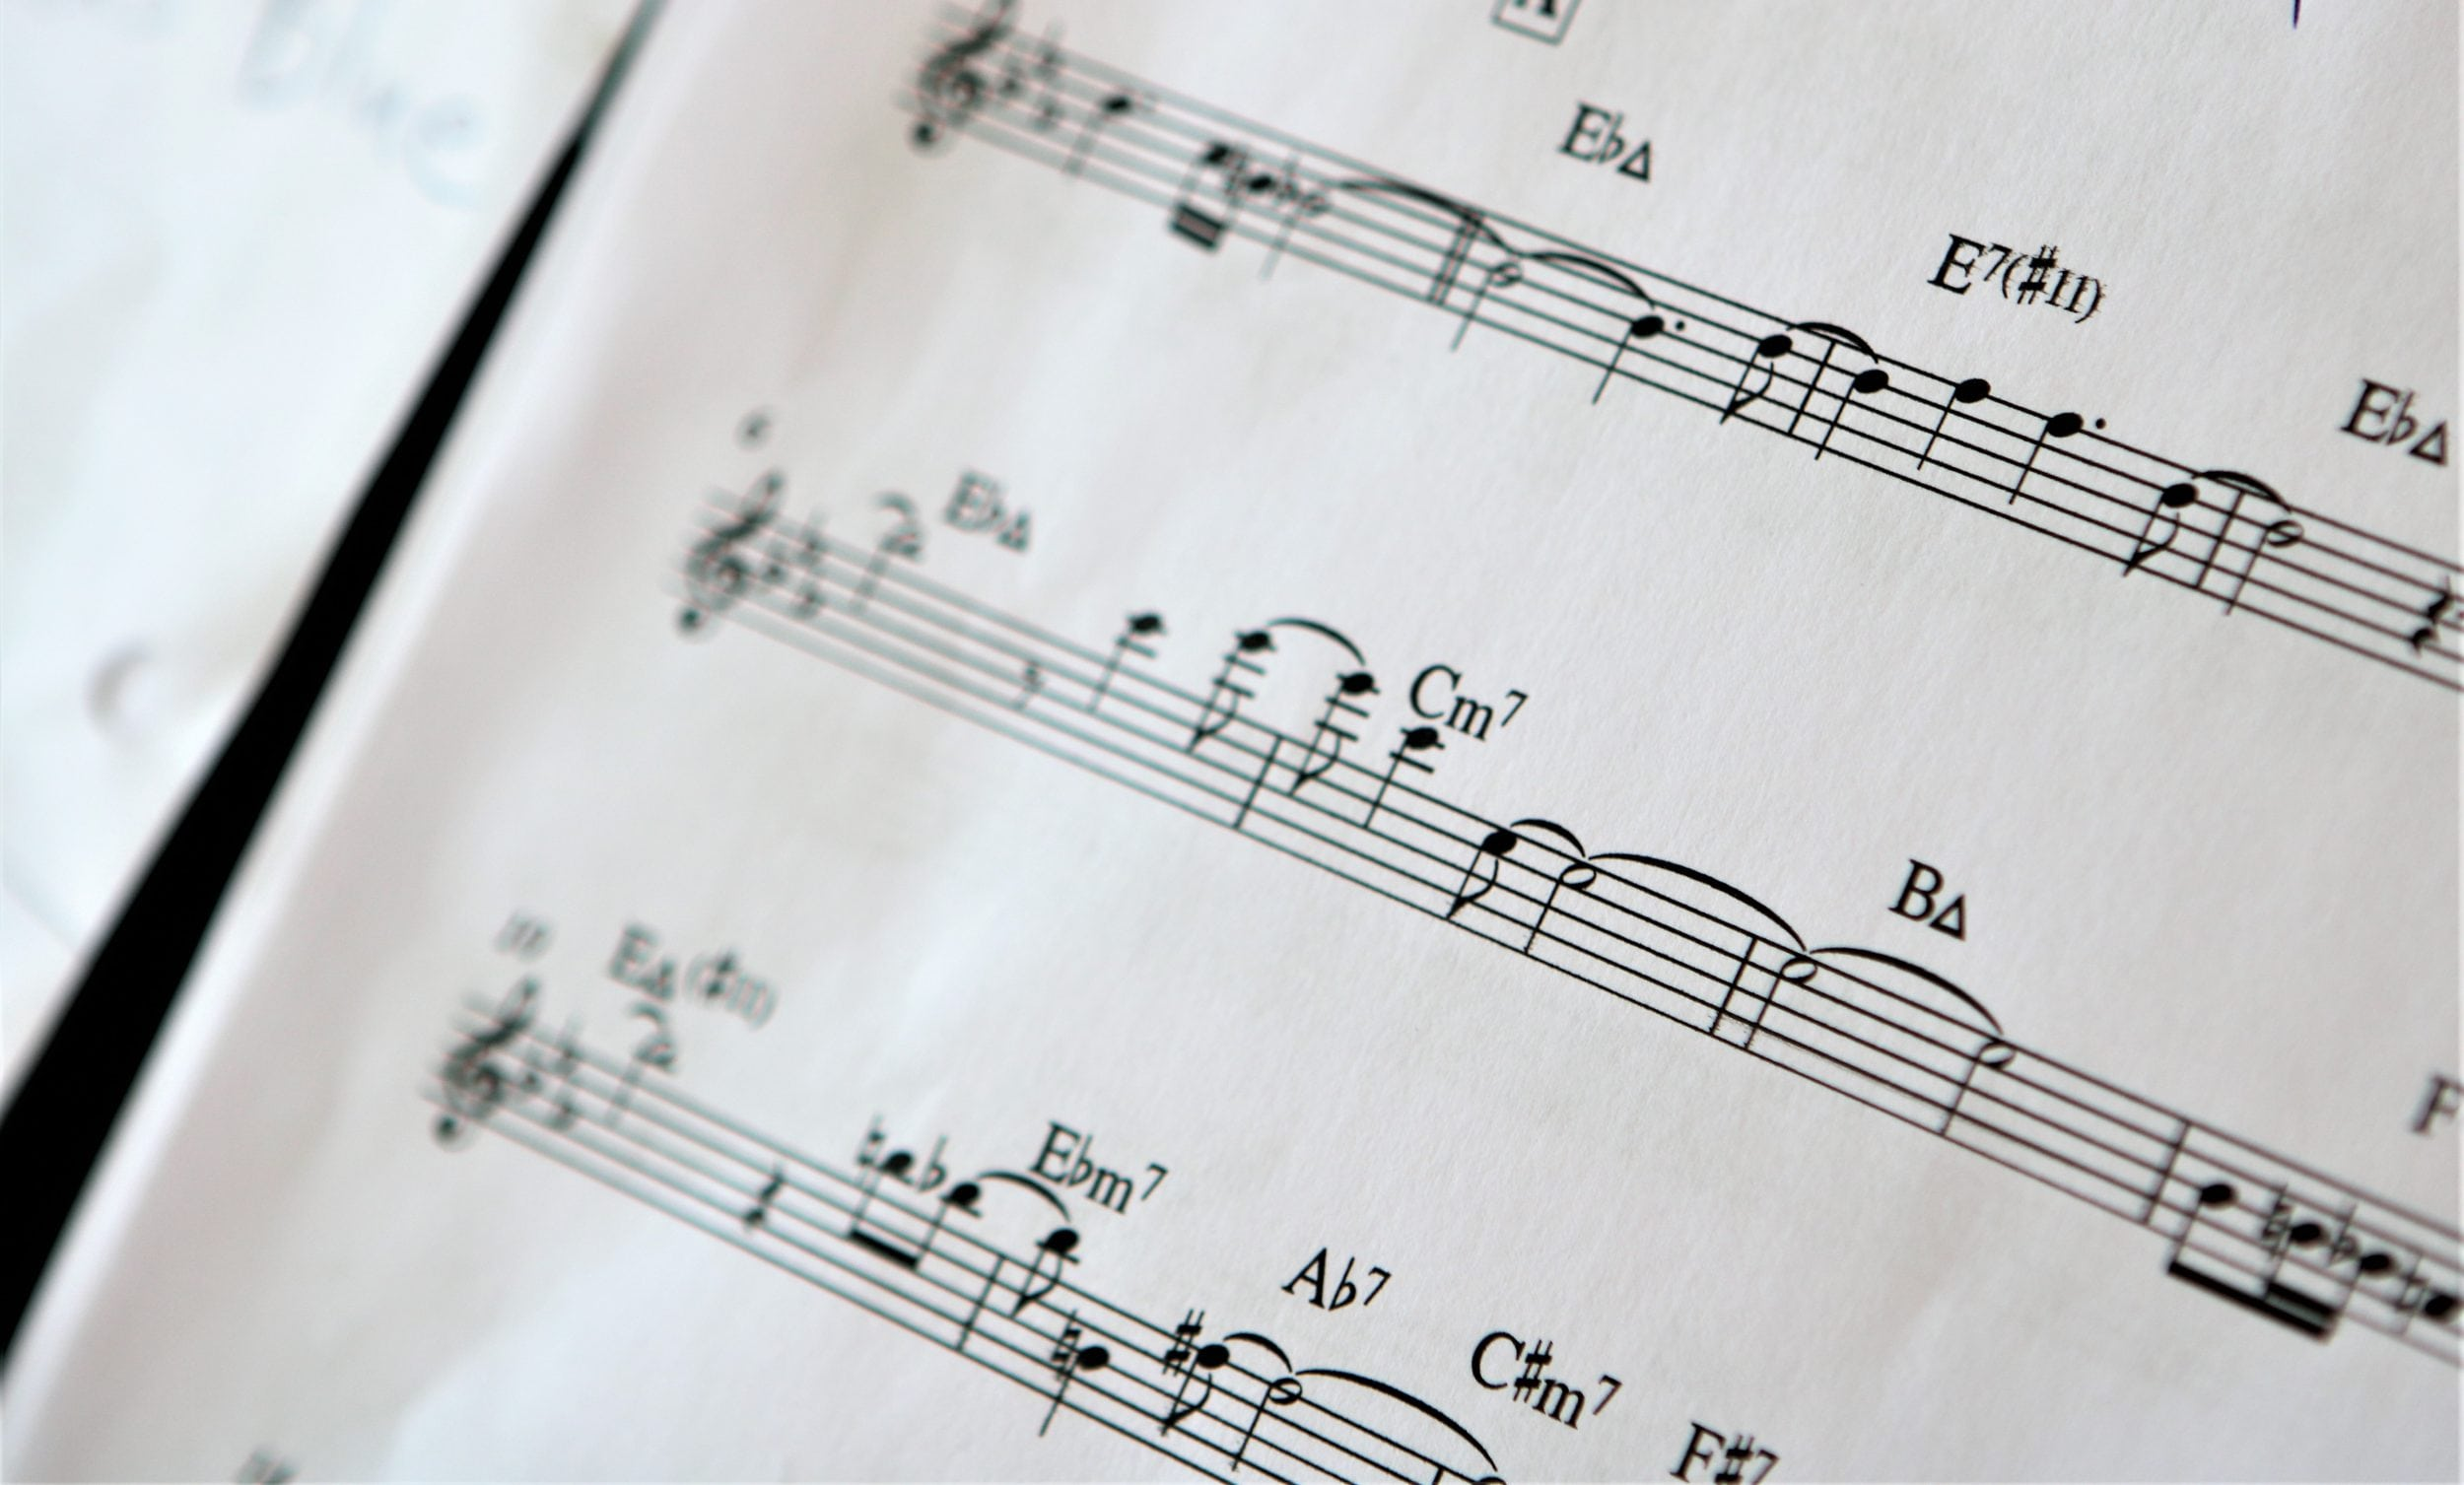 Årets jazzfestival åbner i Ruds Vedby